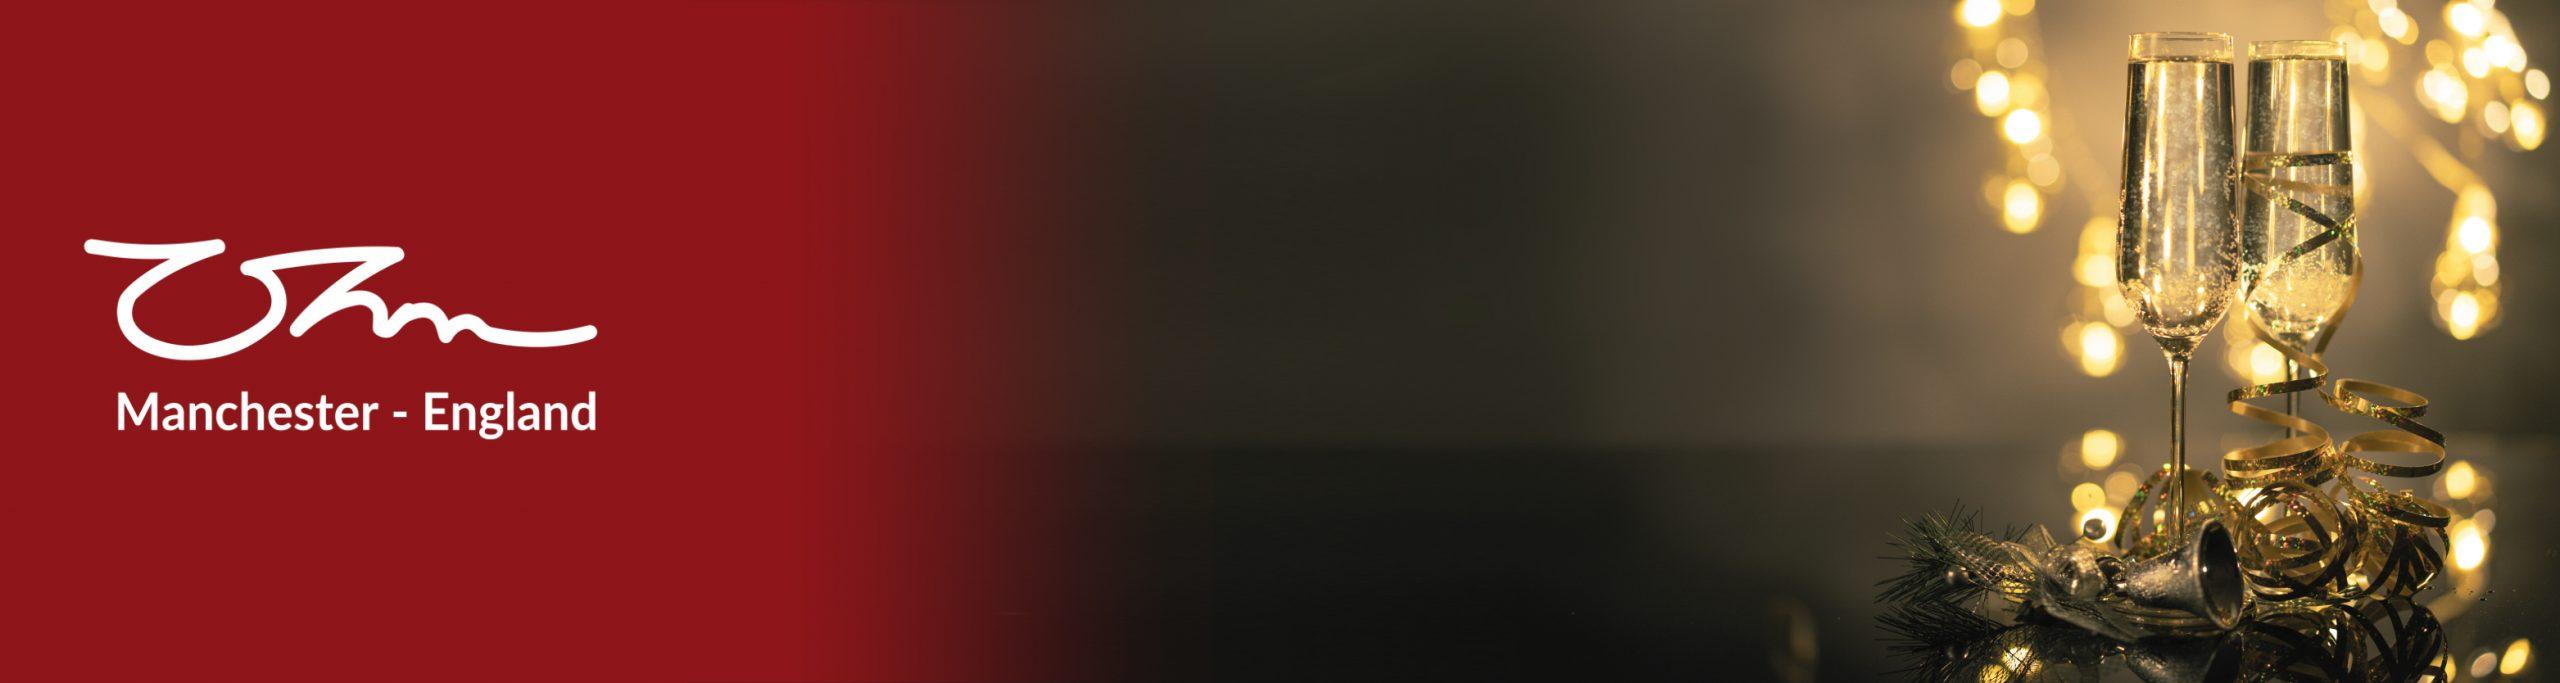 Kerstborrel - TRS serie OHM biedt een geweldige sfeer banner +logo